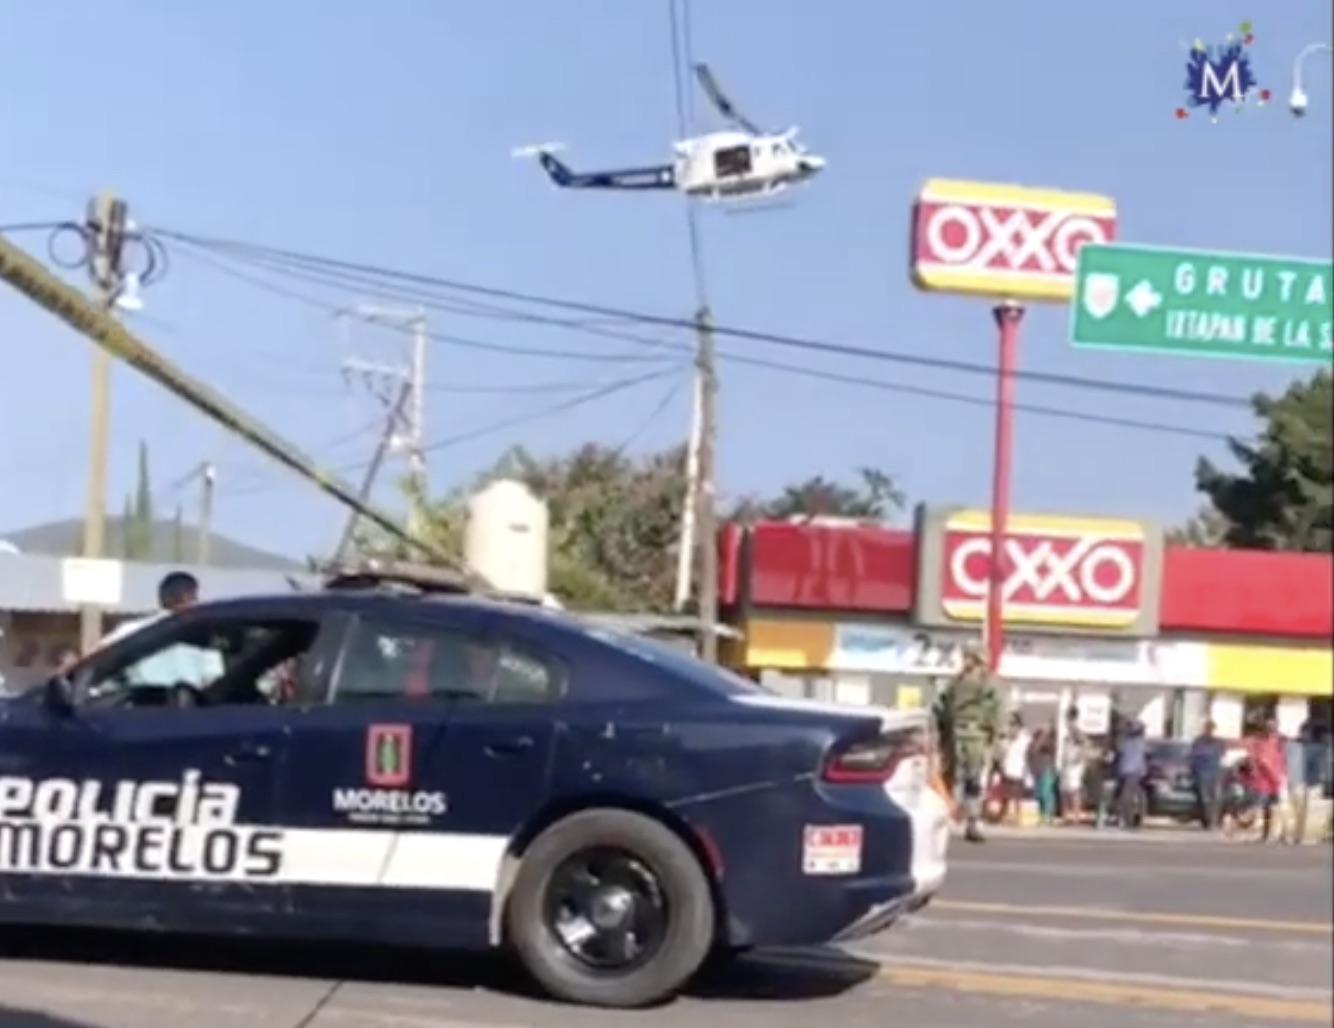 Policias acribillados Coatlan